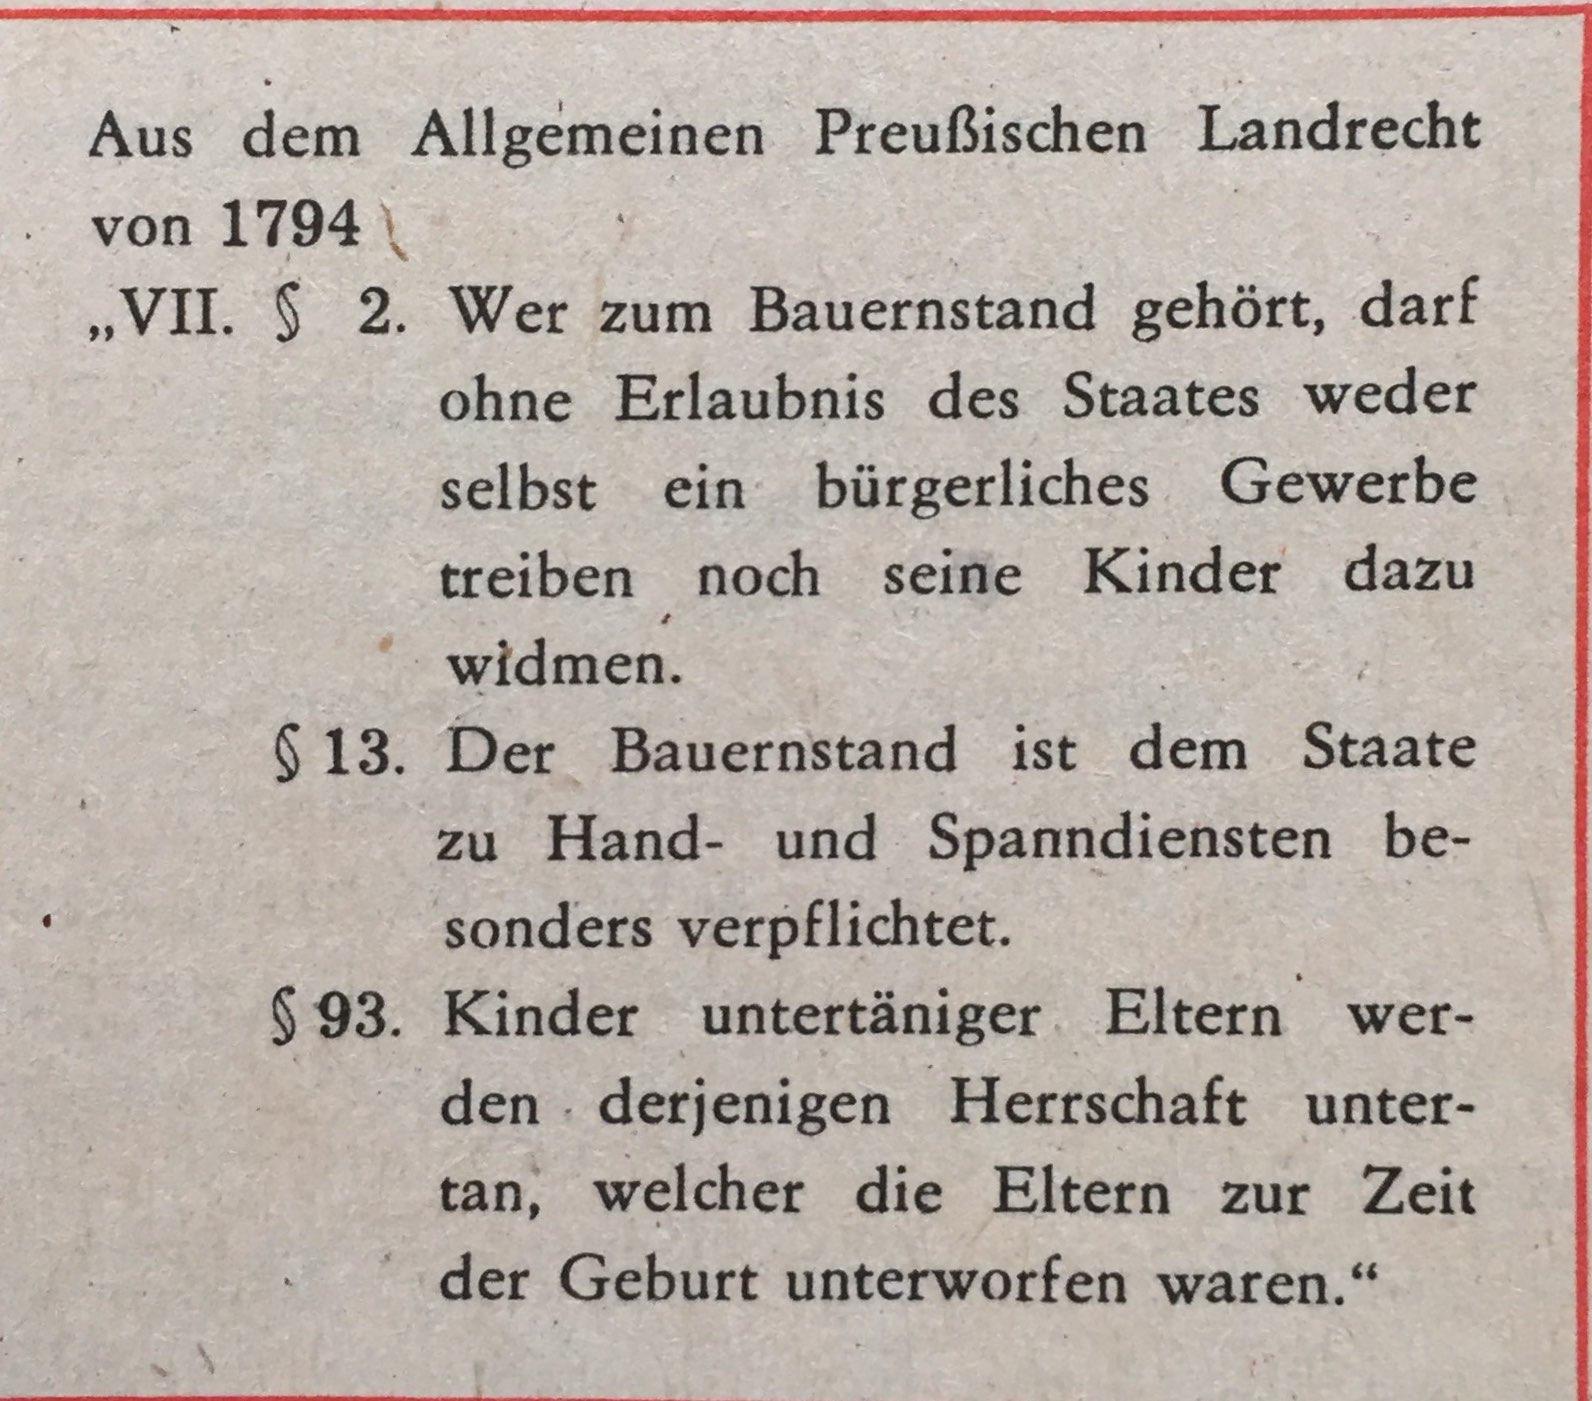 Punkte aus preußischen Landrecht von 1794